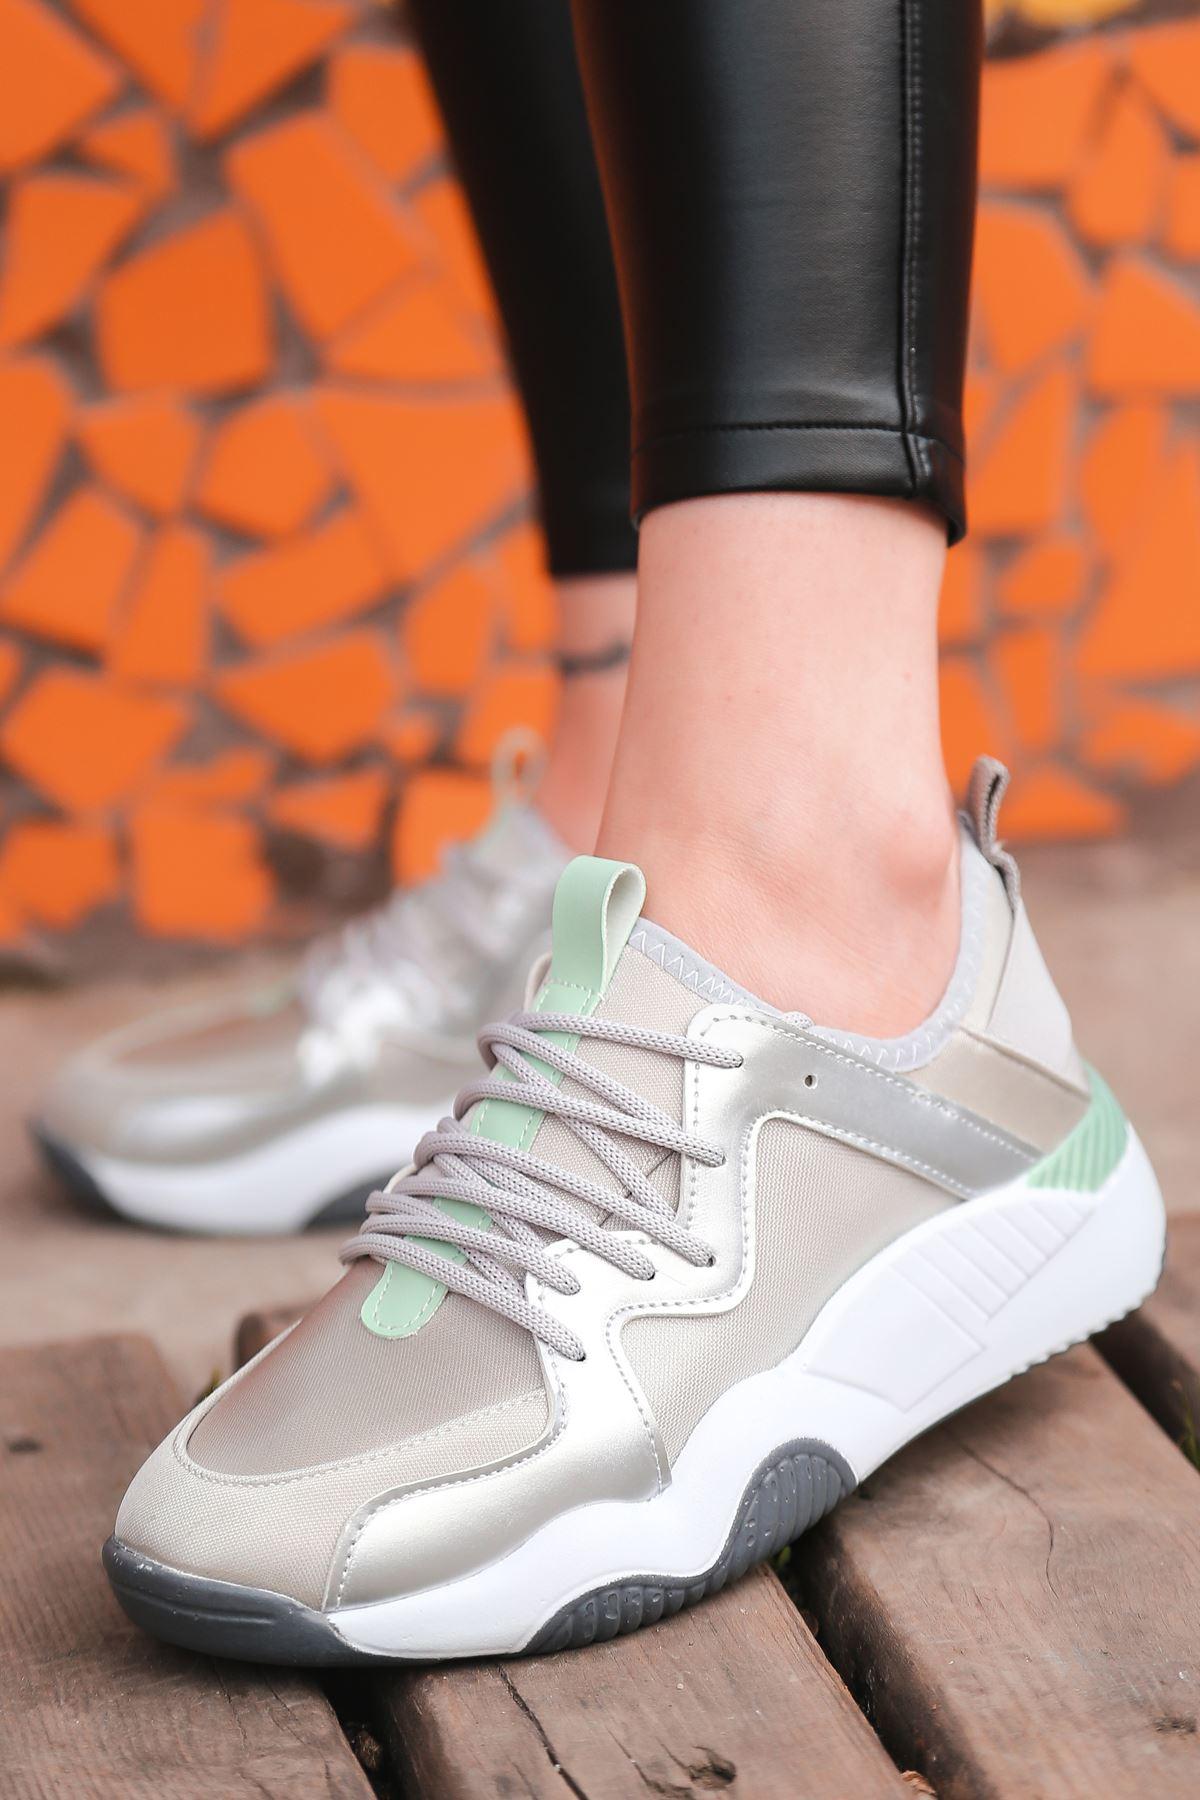 Torres Gümüş Yeşil Parçalı Bağcık Detaylı Gümüş Kadın Spor Ayakkabı